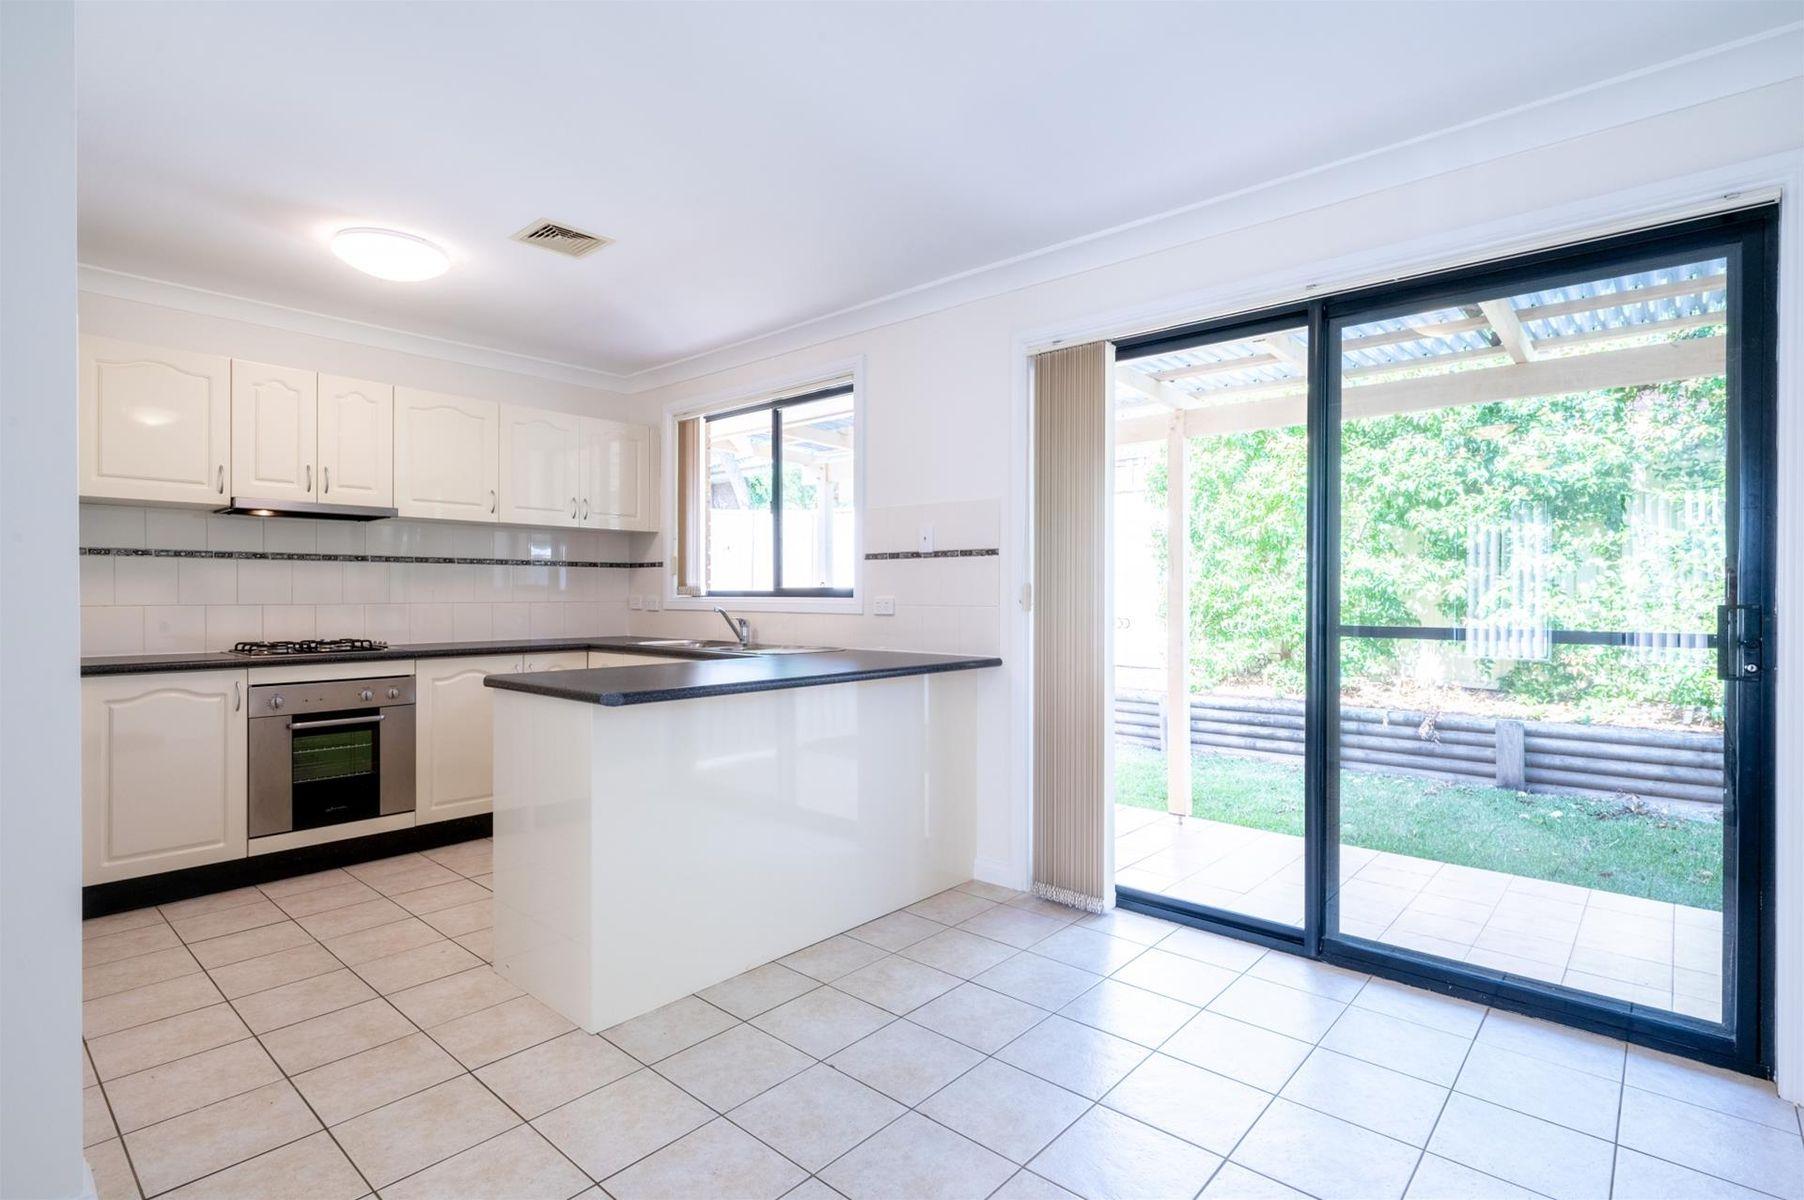 2/14-16 Kenneth Avenue, Baulkham Hills, NSW 2153